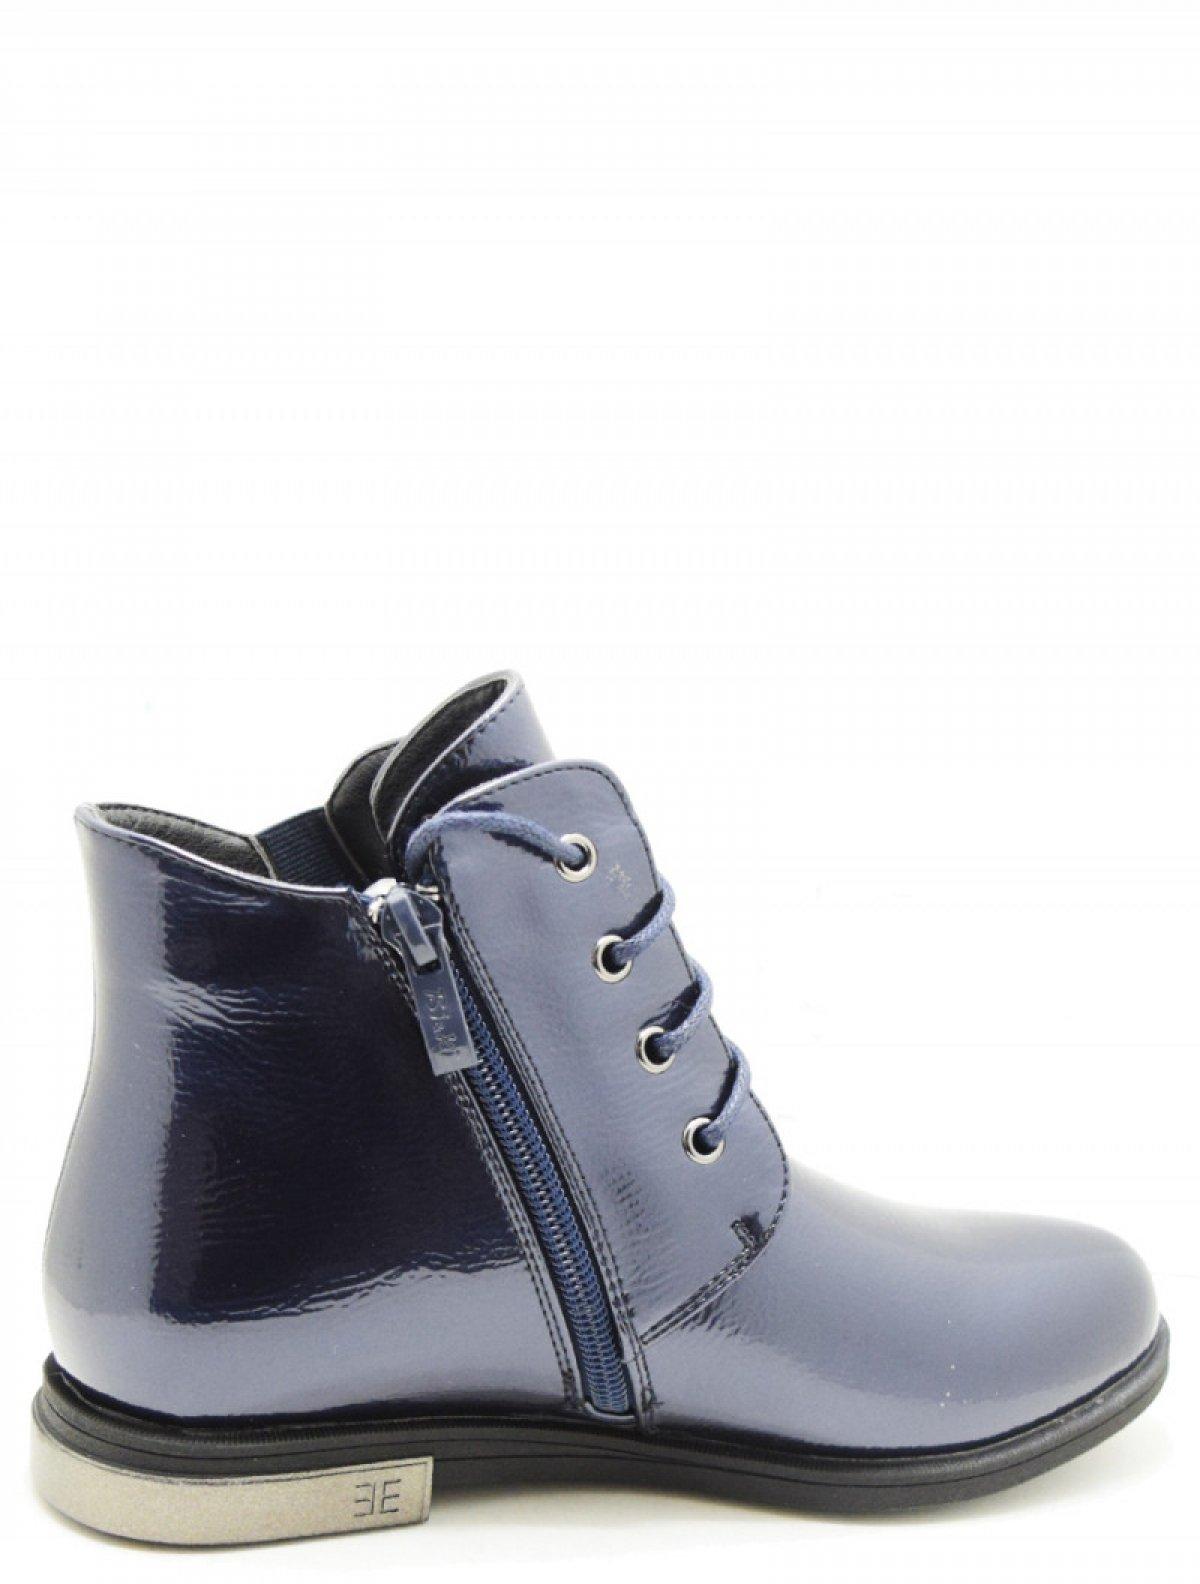 BI&KI A-B05-12-A ботинки для девочки